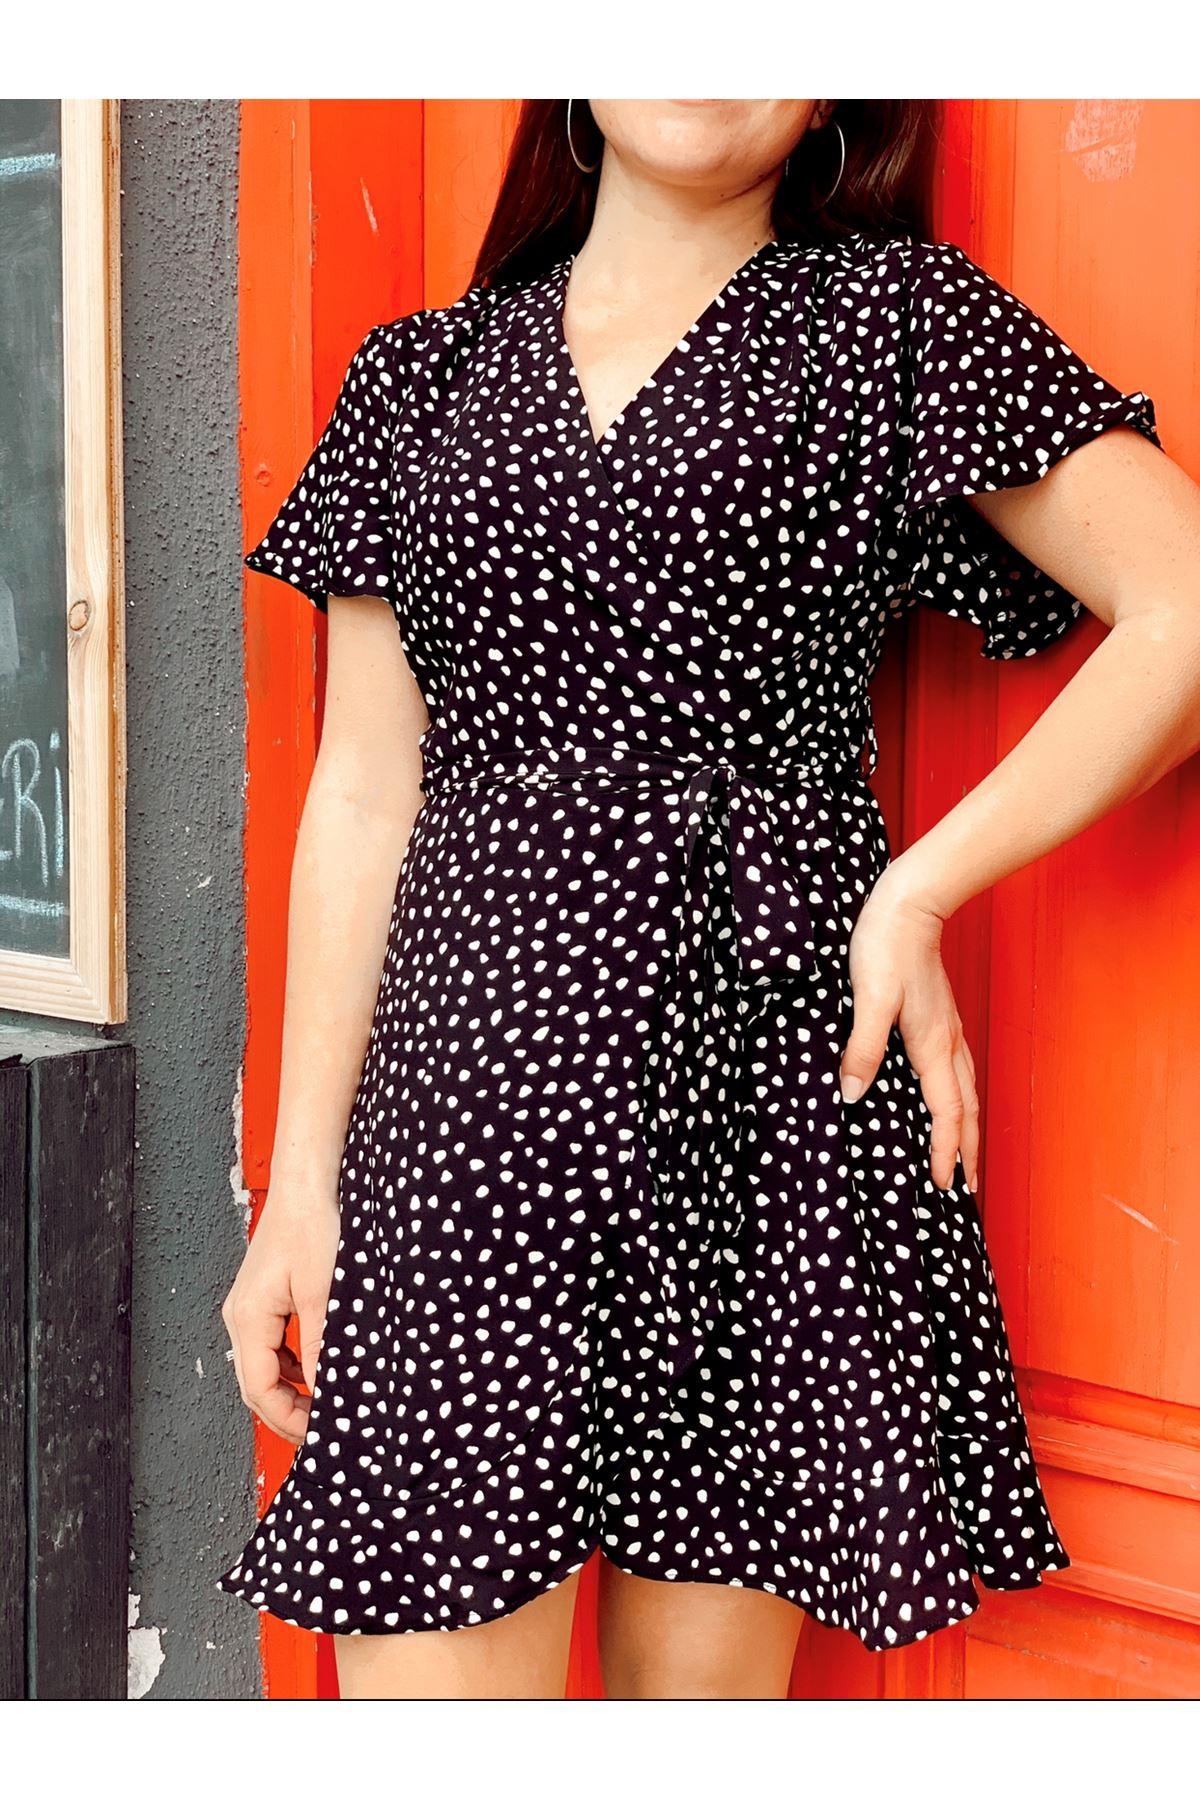 Siyah beyaz benekli içi şortlu mini elbise